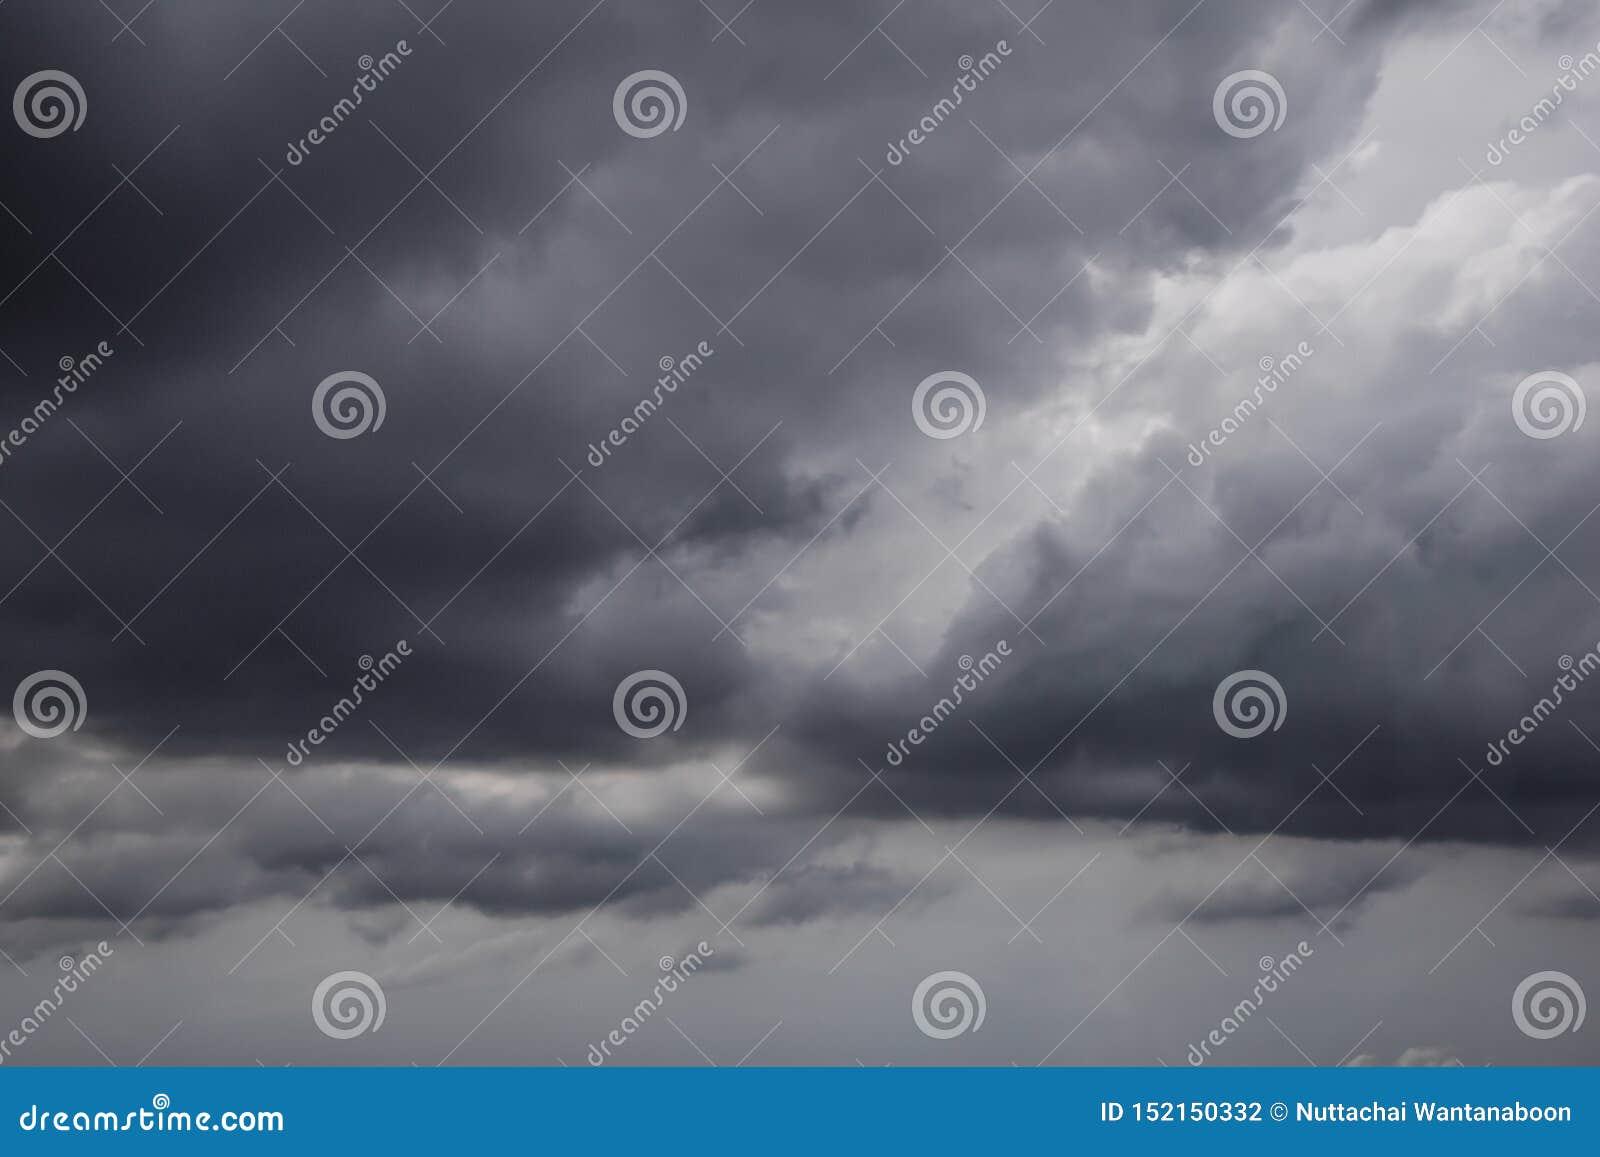 Ruch czarne chmury przed deszczem, burz chmur teren, Czarne chmury tworzy nad niebo przed przewy?sza? burz?